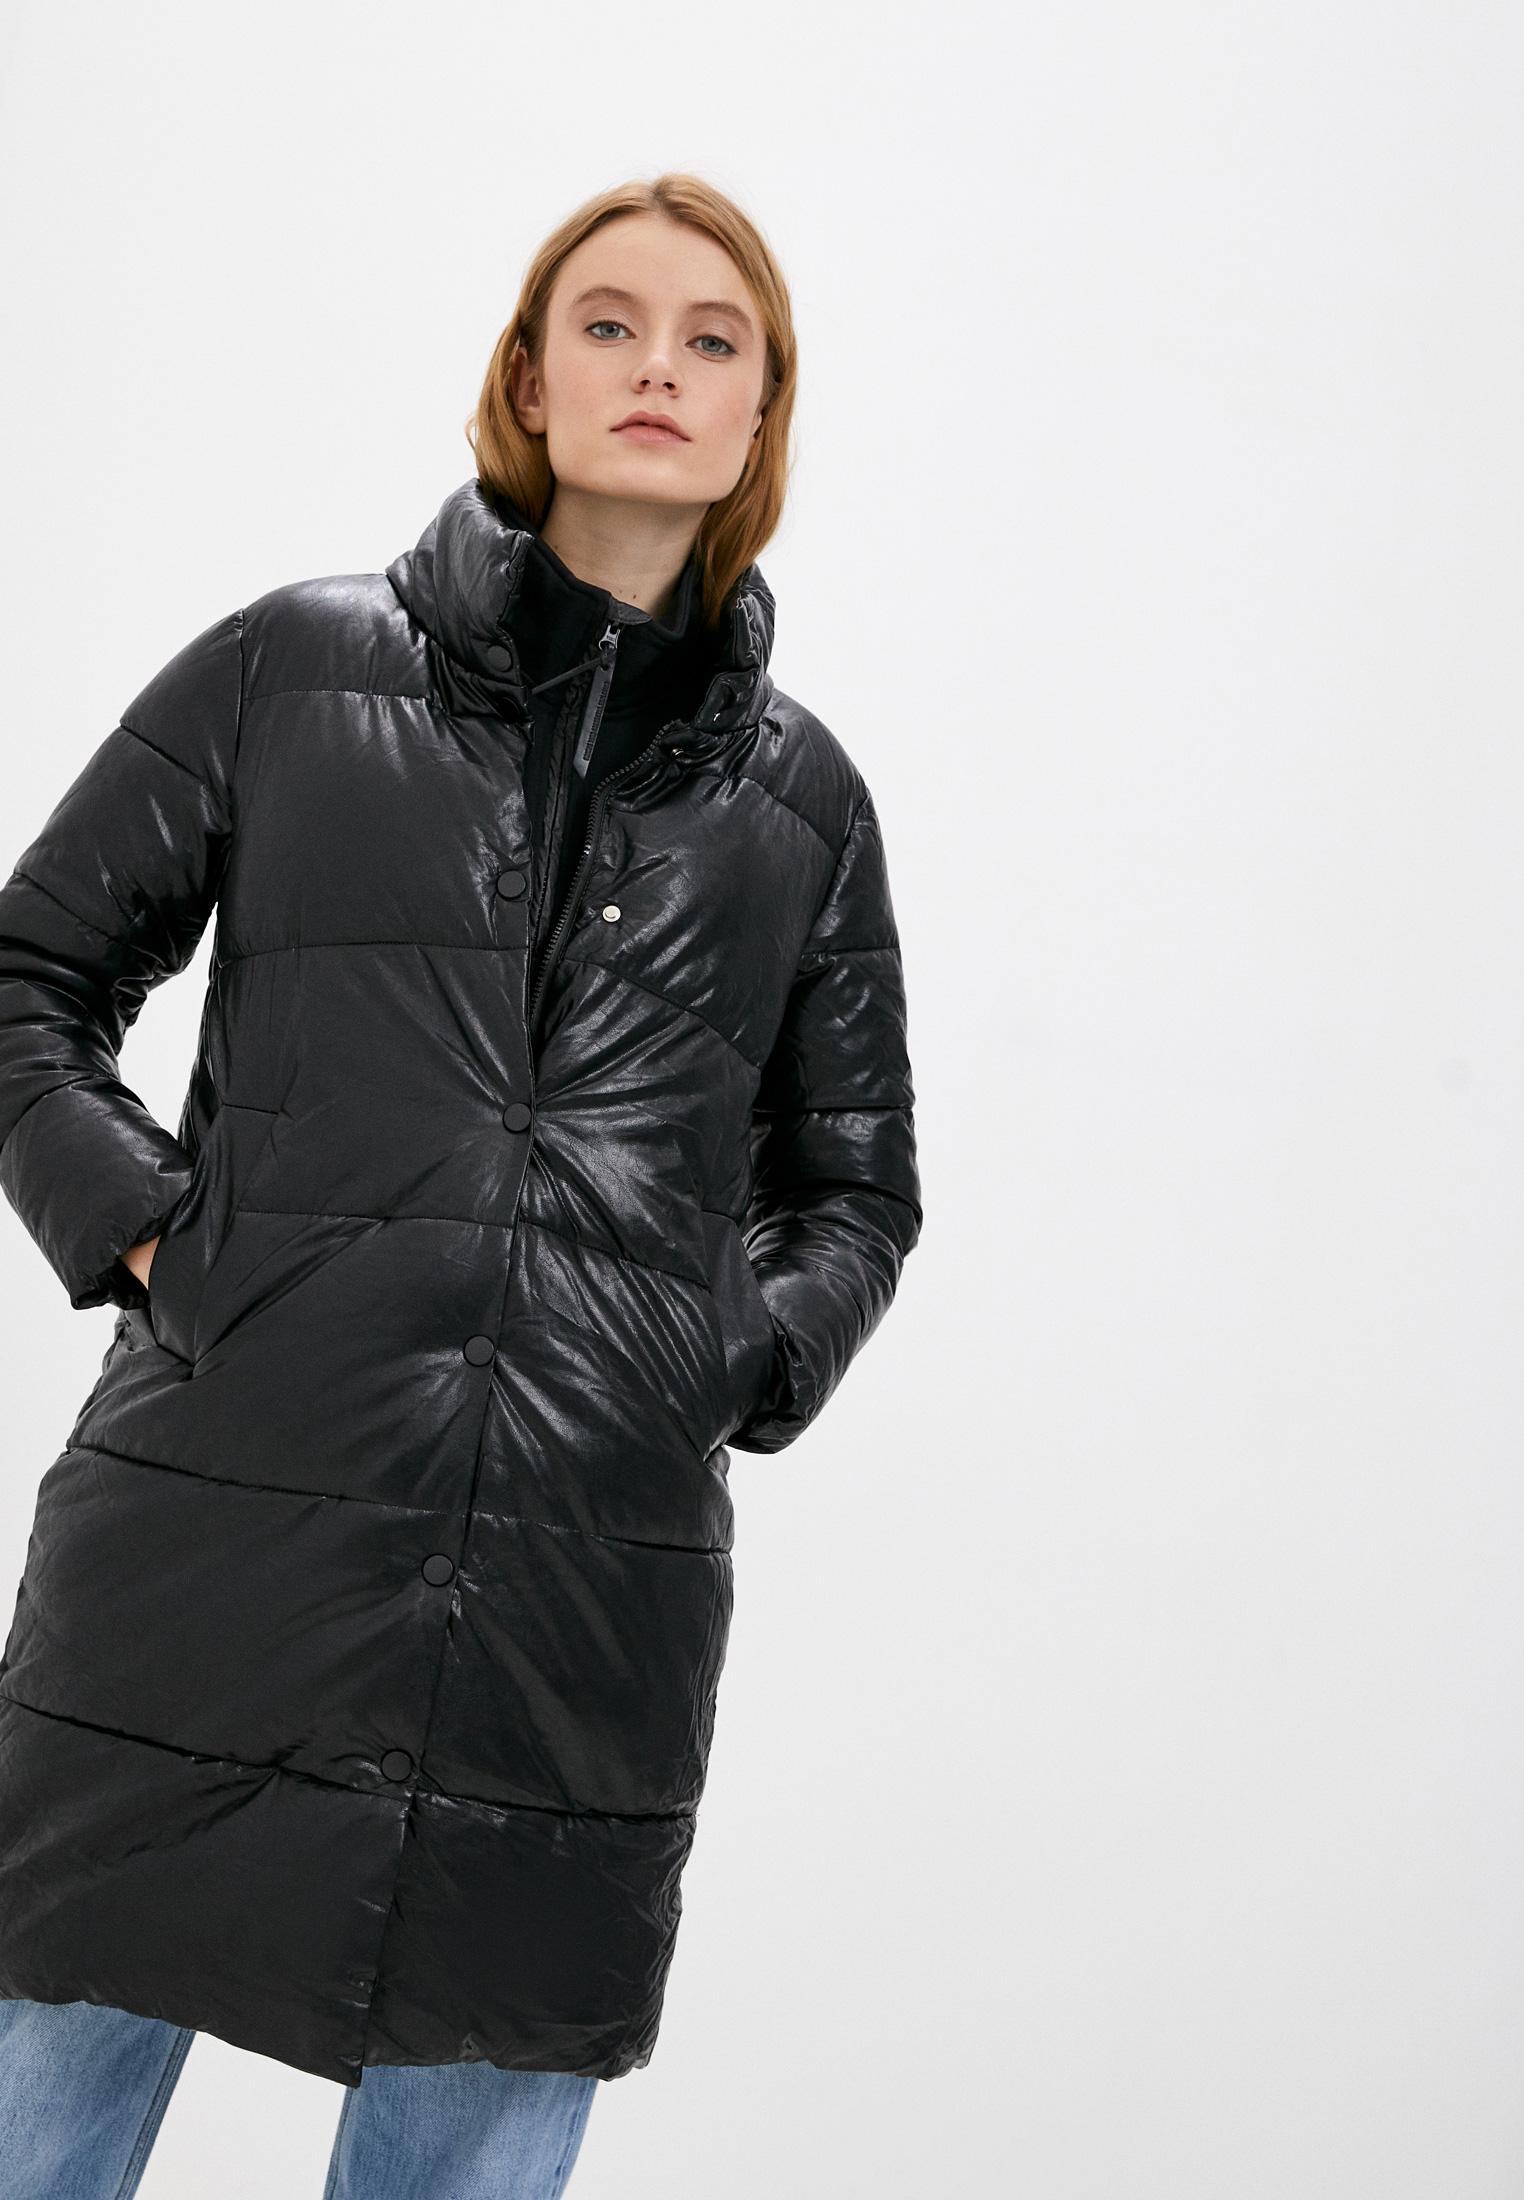 Кожаная куртка Moda Sincera MS322-22